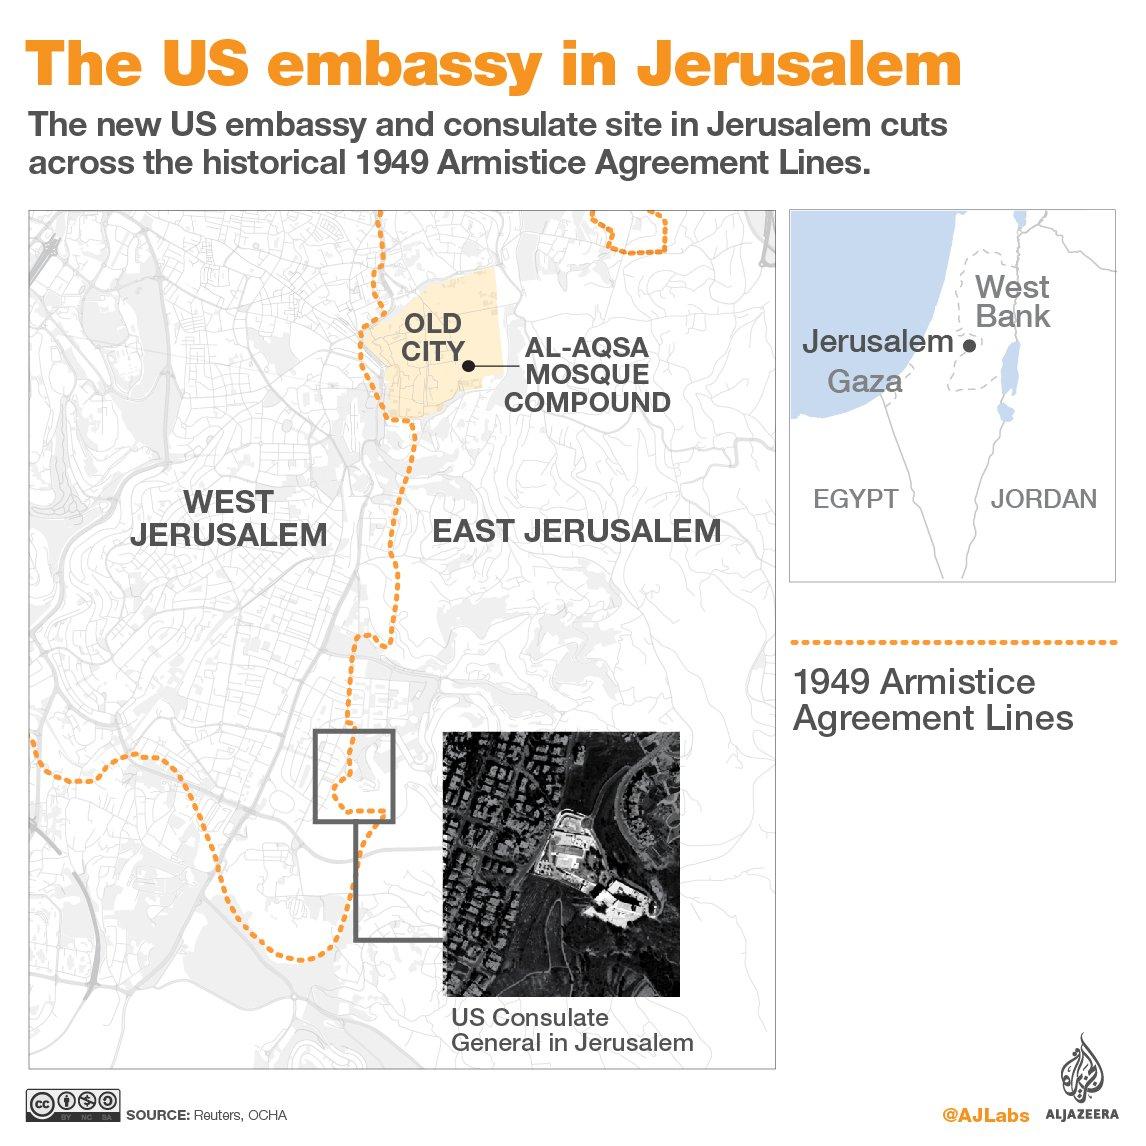 Al Jazeera English on Twitter: